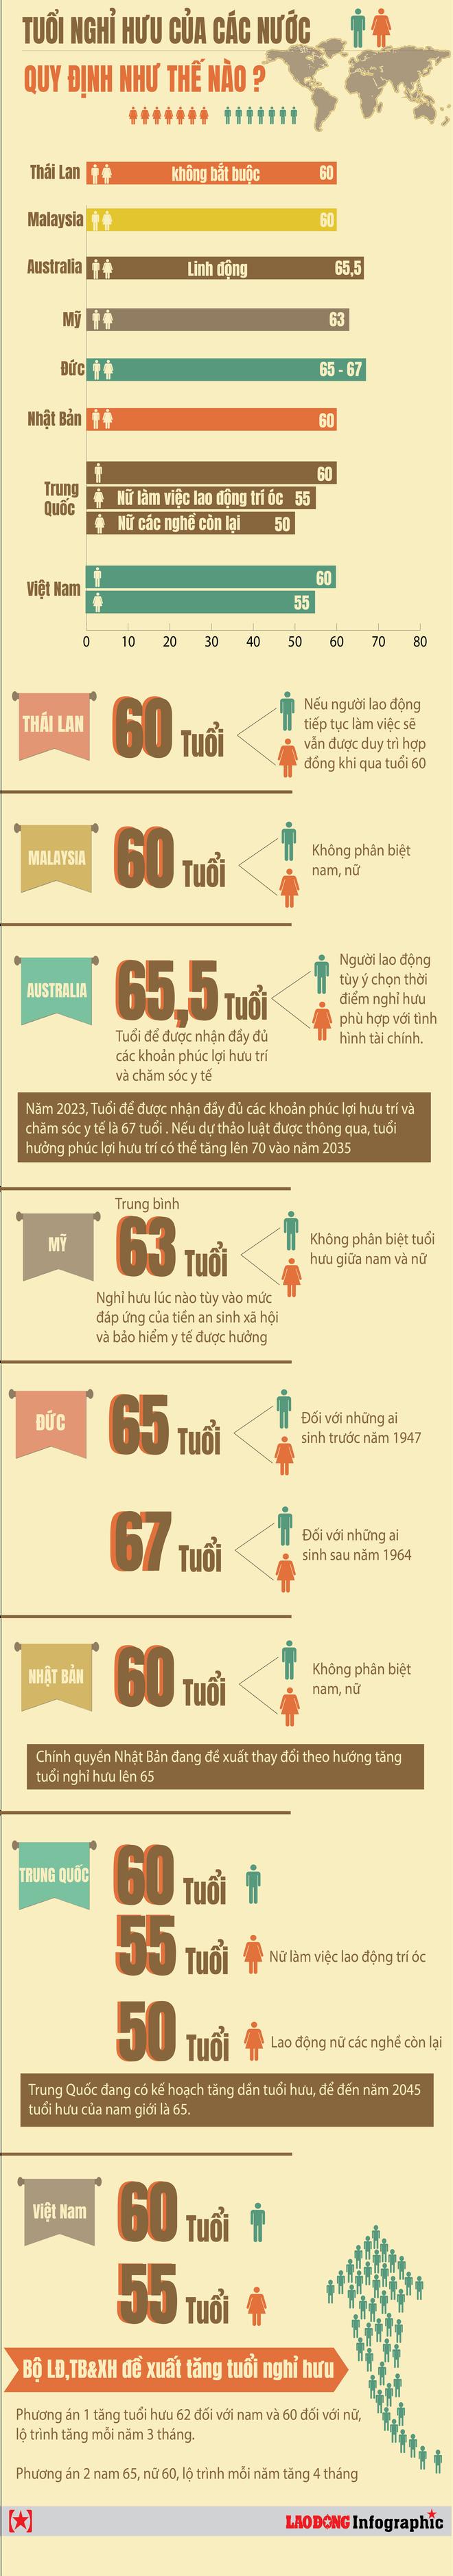 Infographic: Các nước trên thế giới tính lương hưu như thế nào? - Ảnh 1.